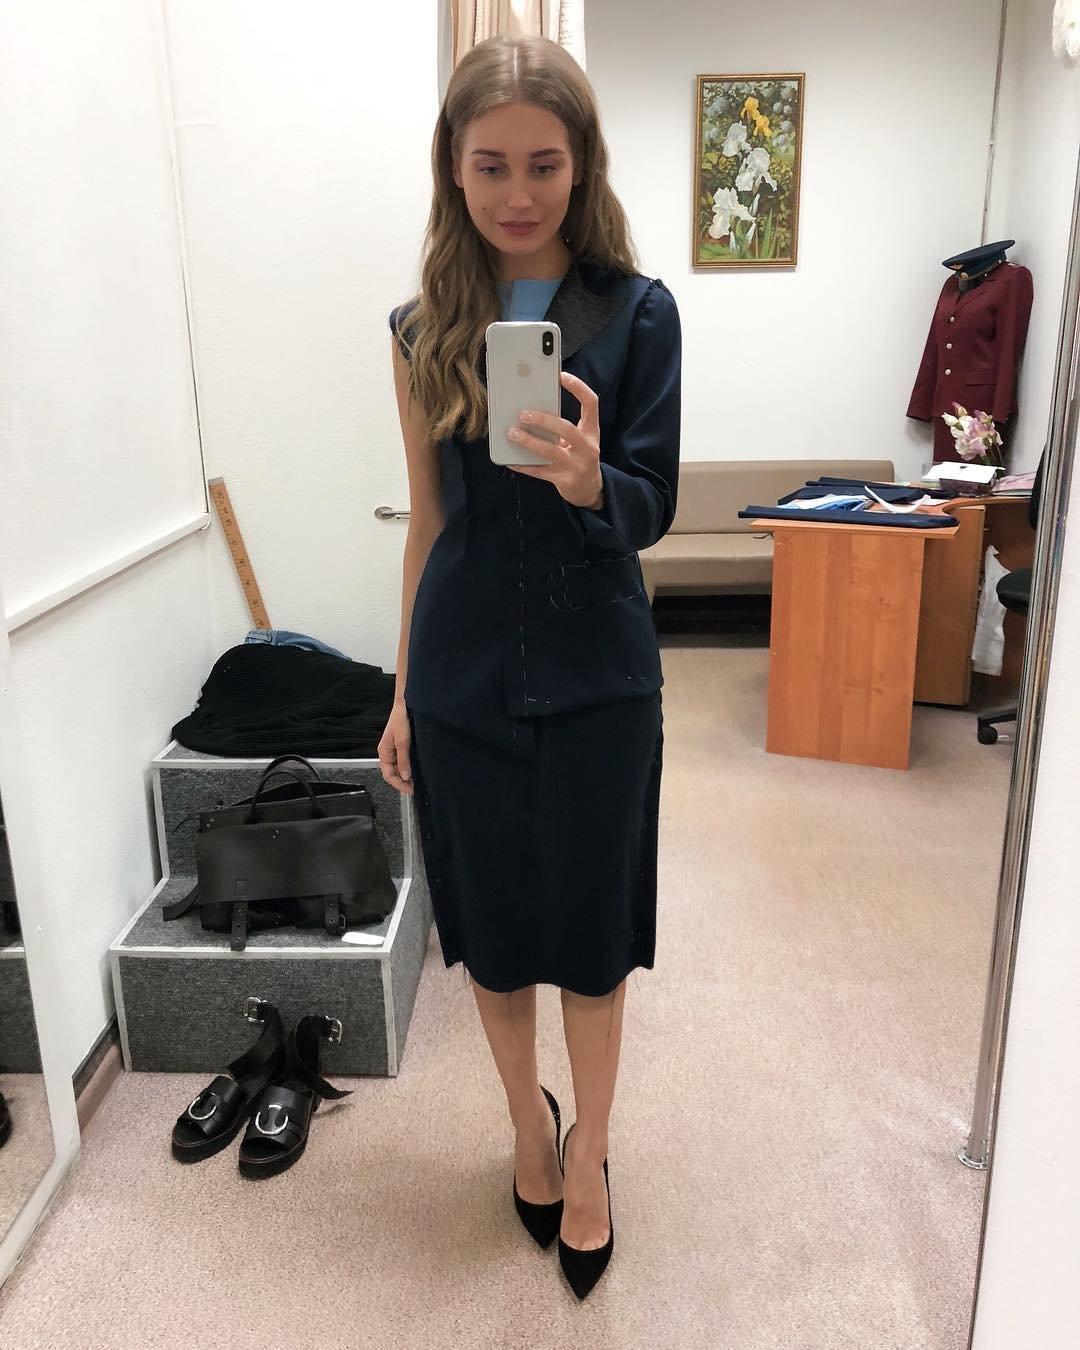 Российская актриса Кристина Асмус призналась, что для роли в сериале стала  сотрудницей Следственного комитета – именно такая роль ей досталась. 3f5d88eb58e